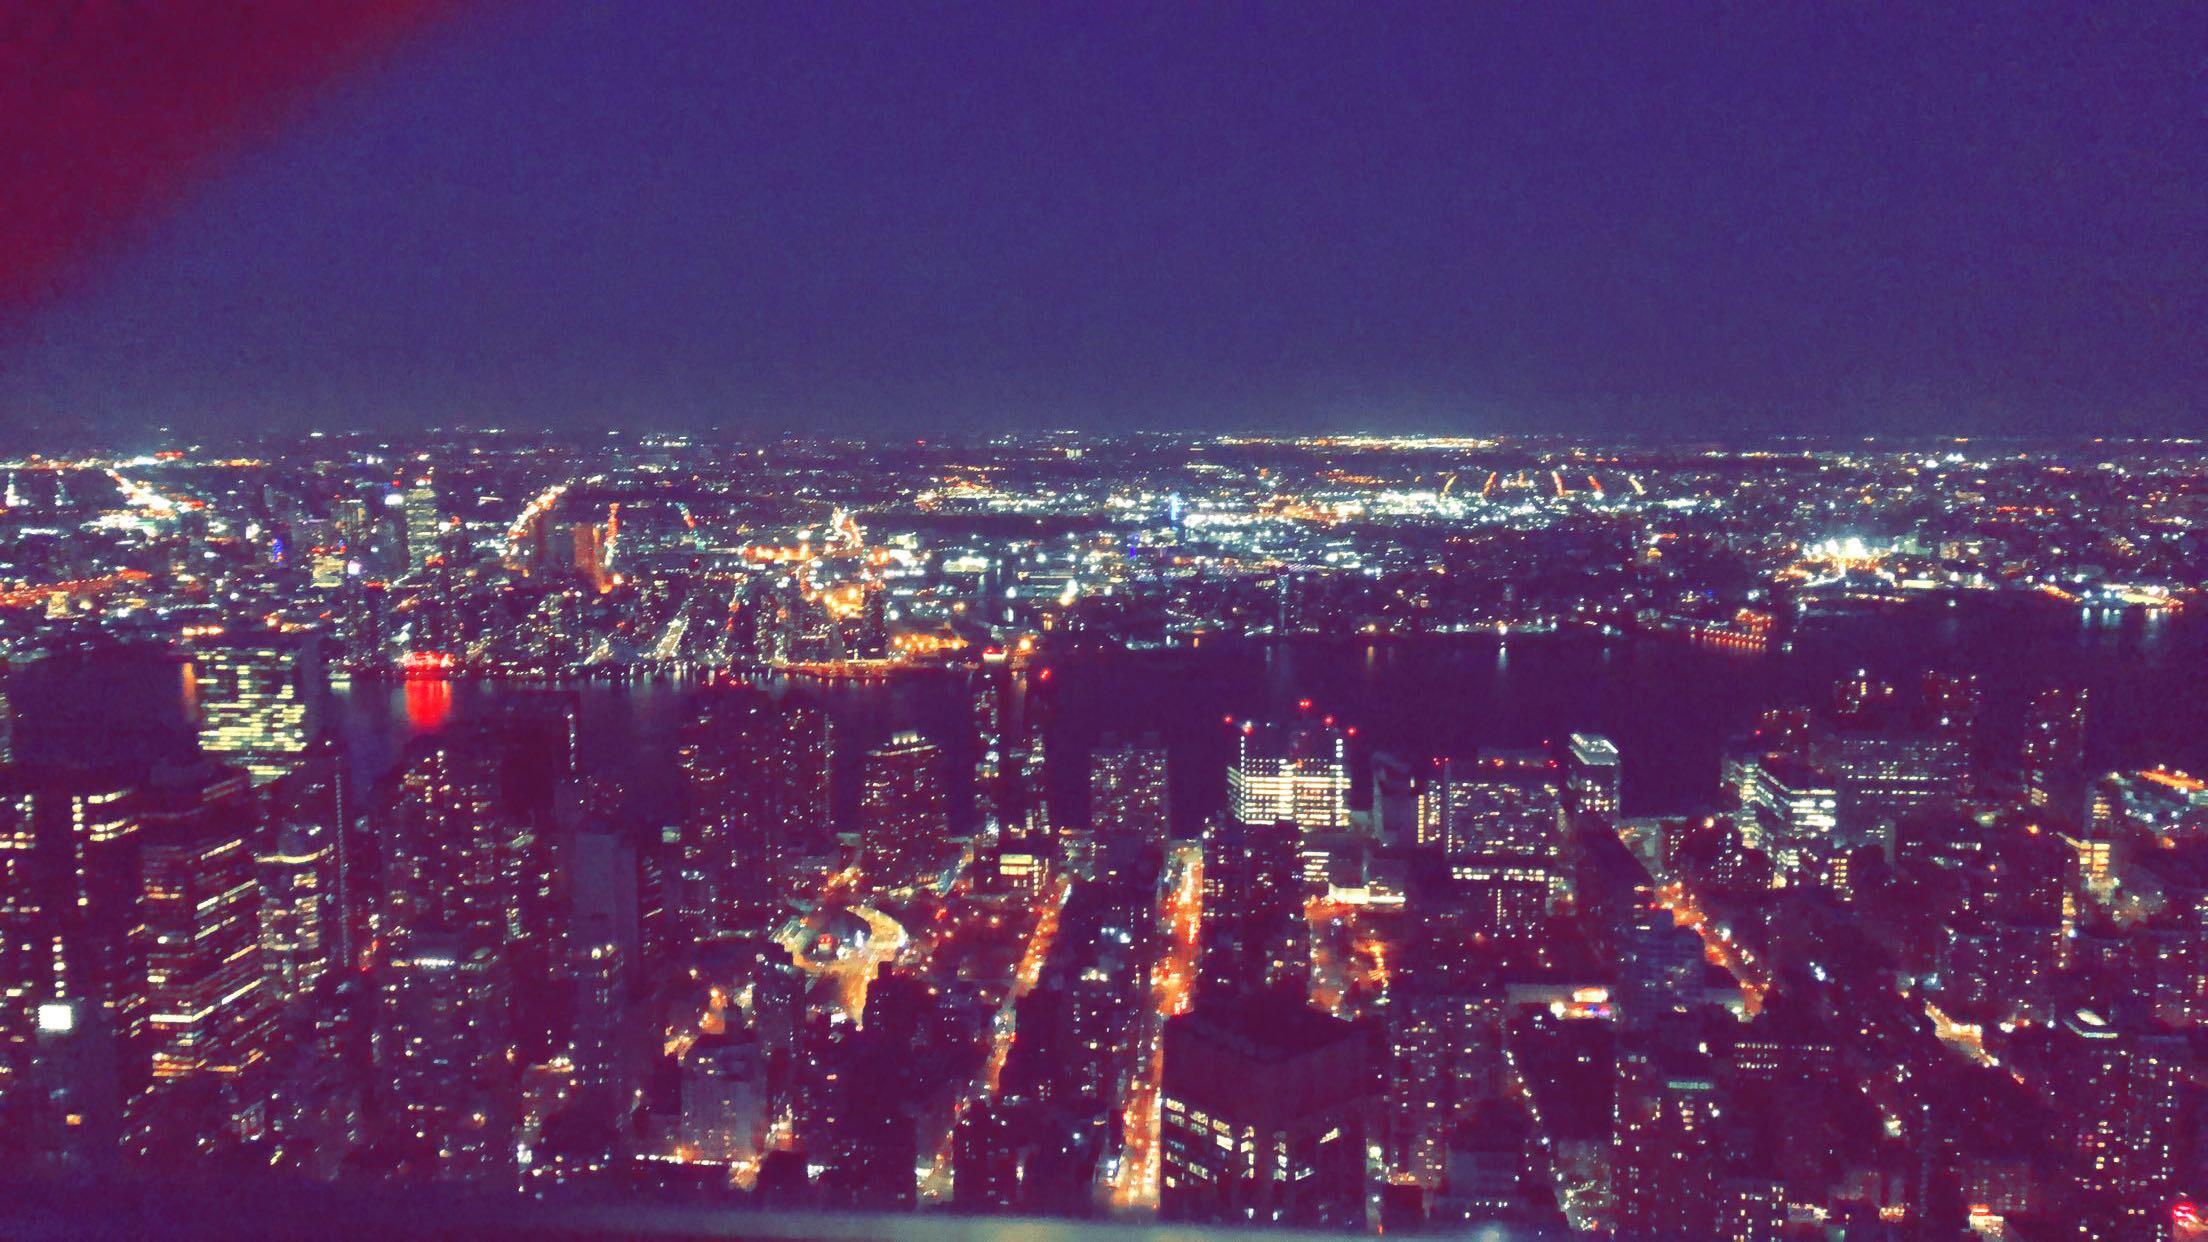 New York City Picturesque